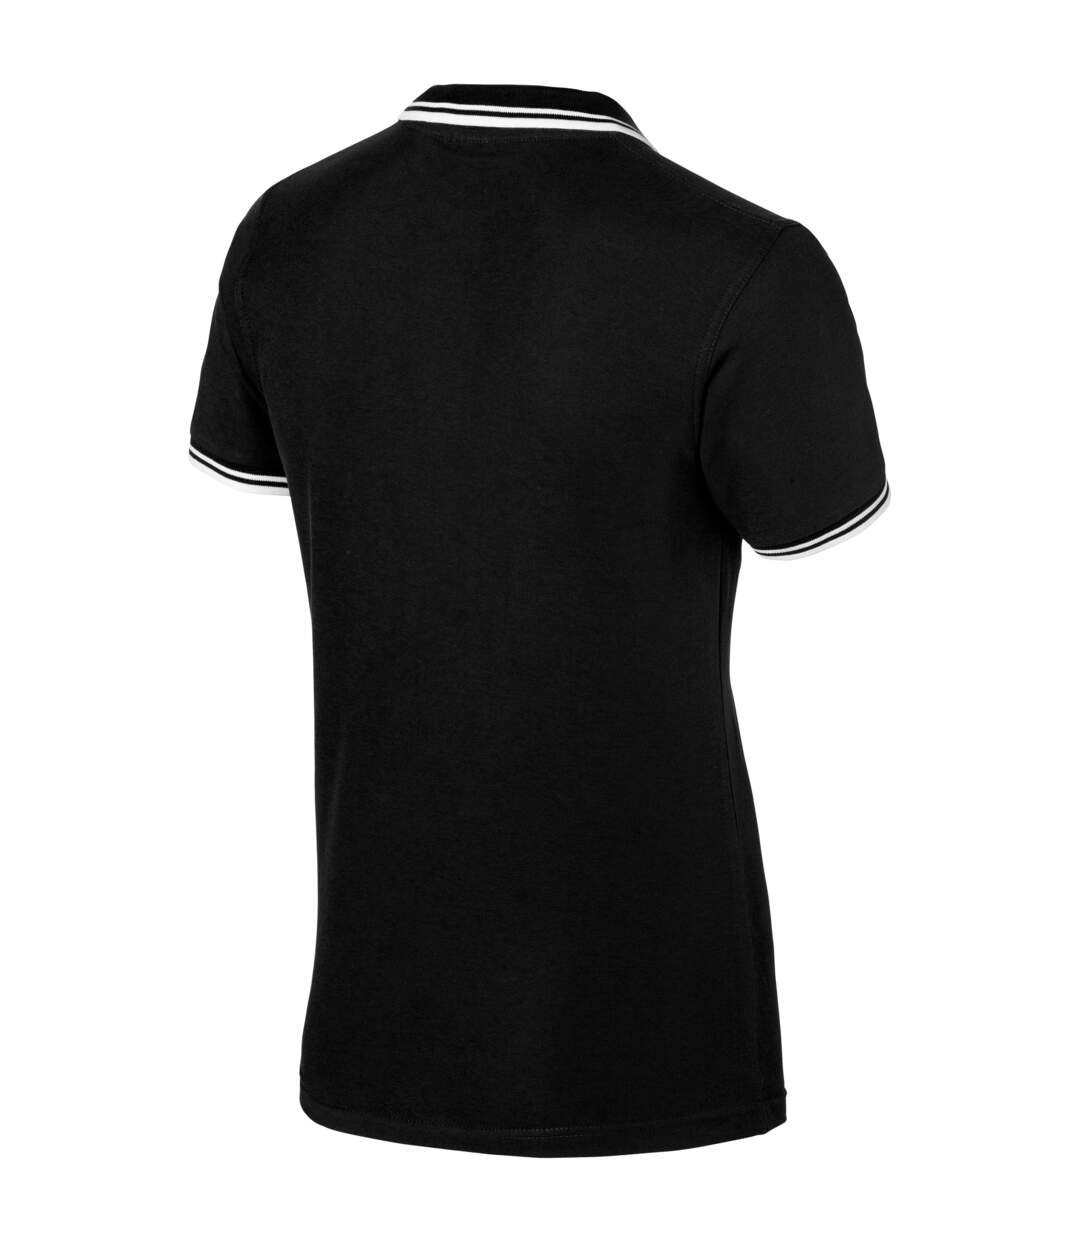 Slazenger Mens Deuce Short Sleeve Polo (Pack of 2) (Solid Black) - UTPF2500